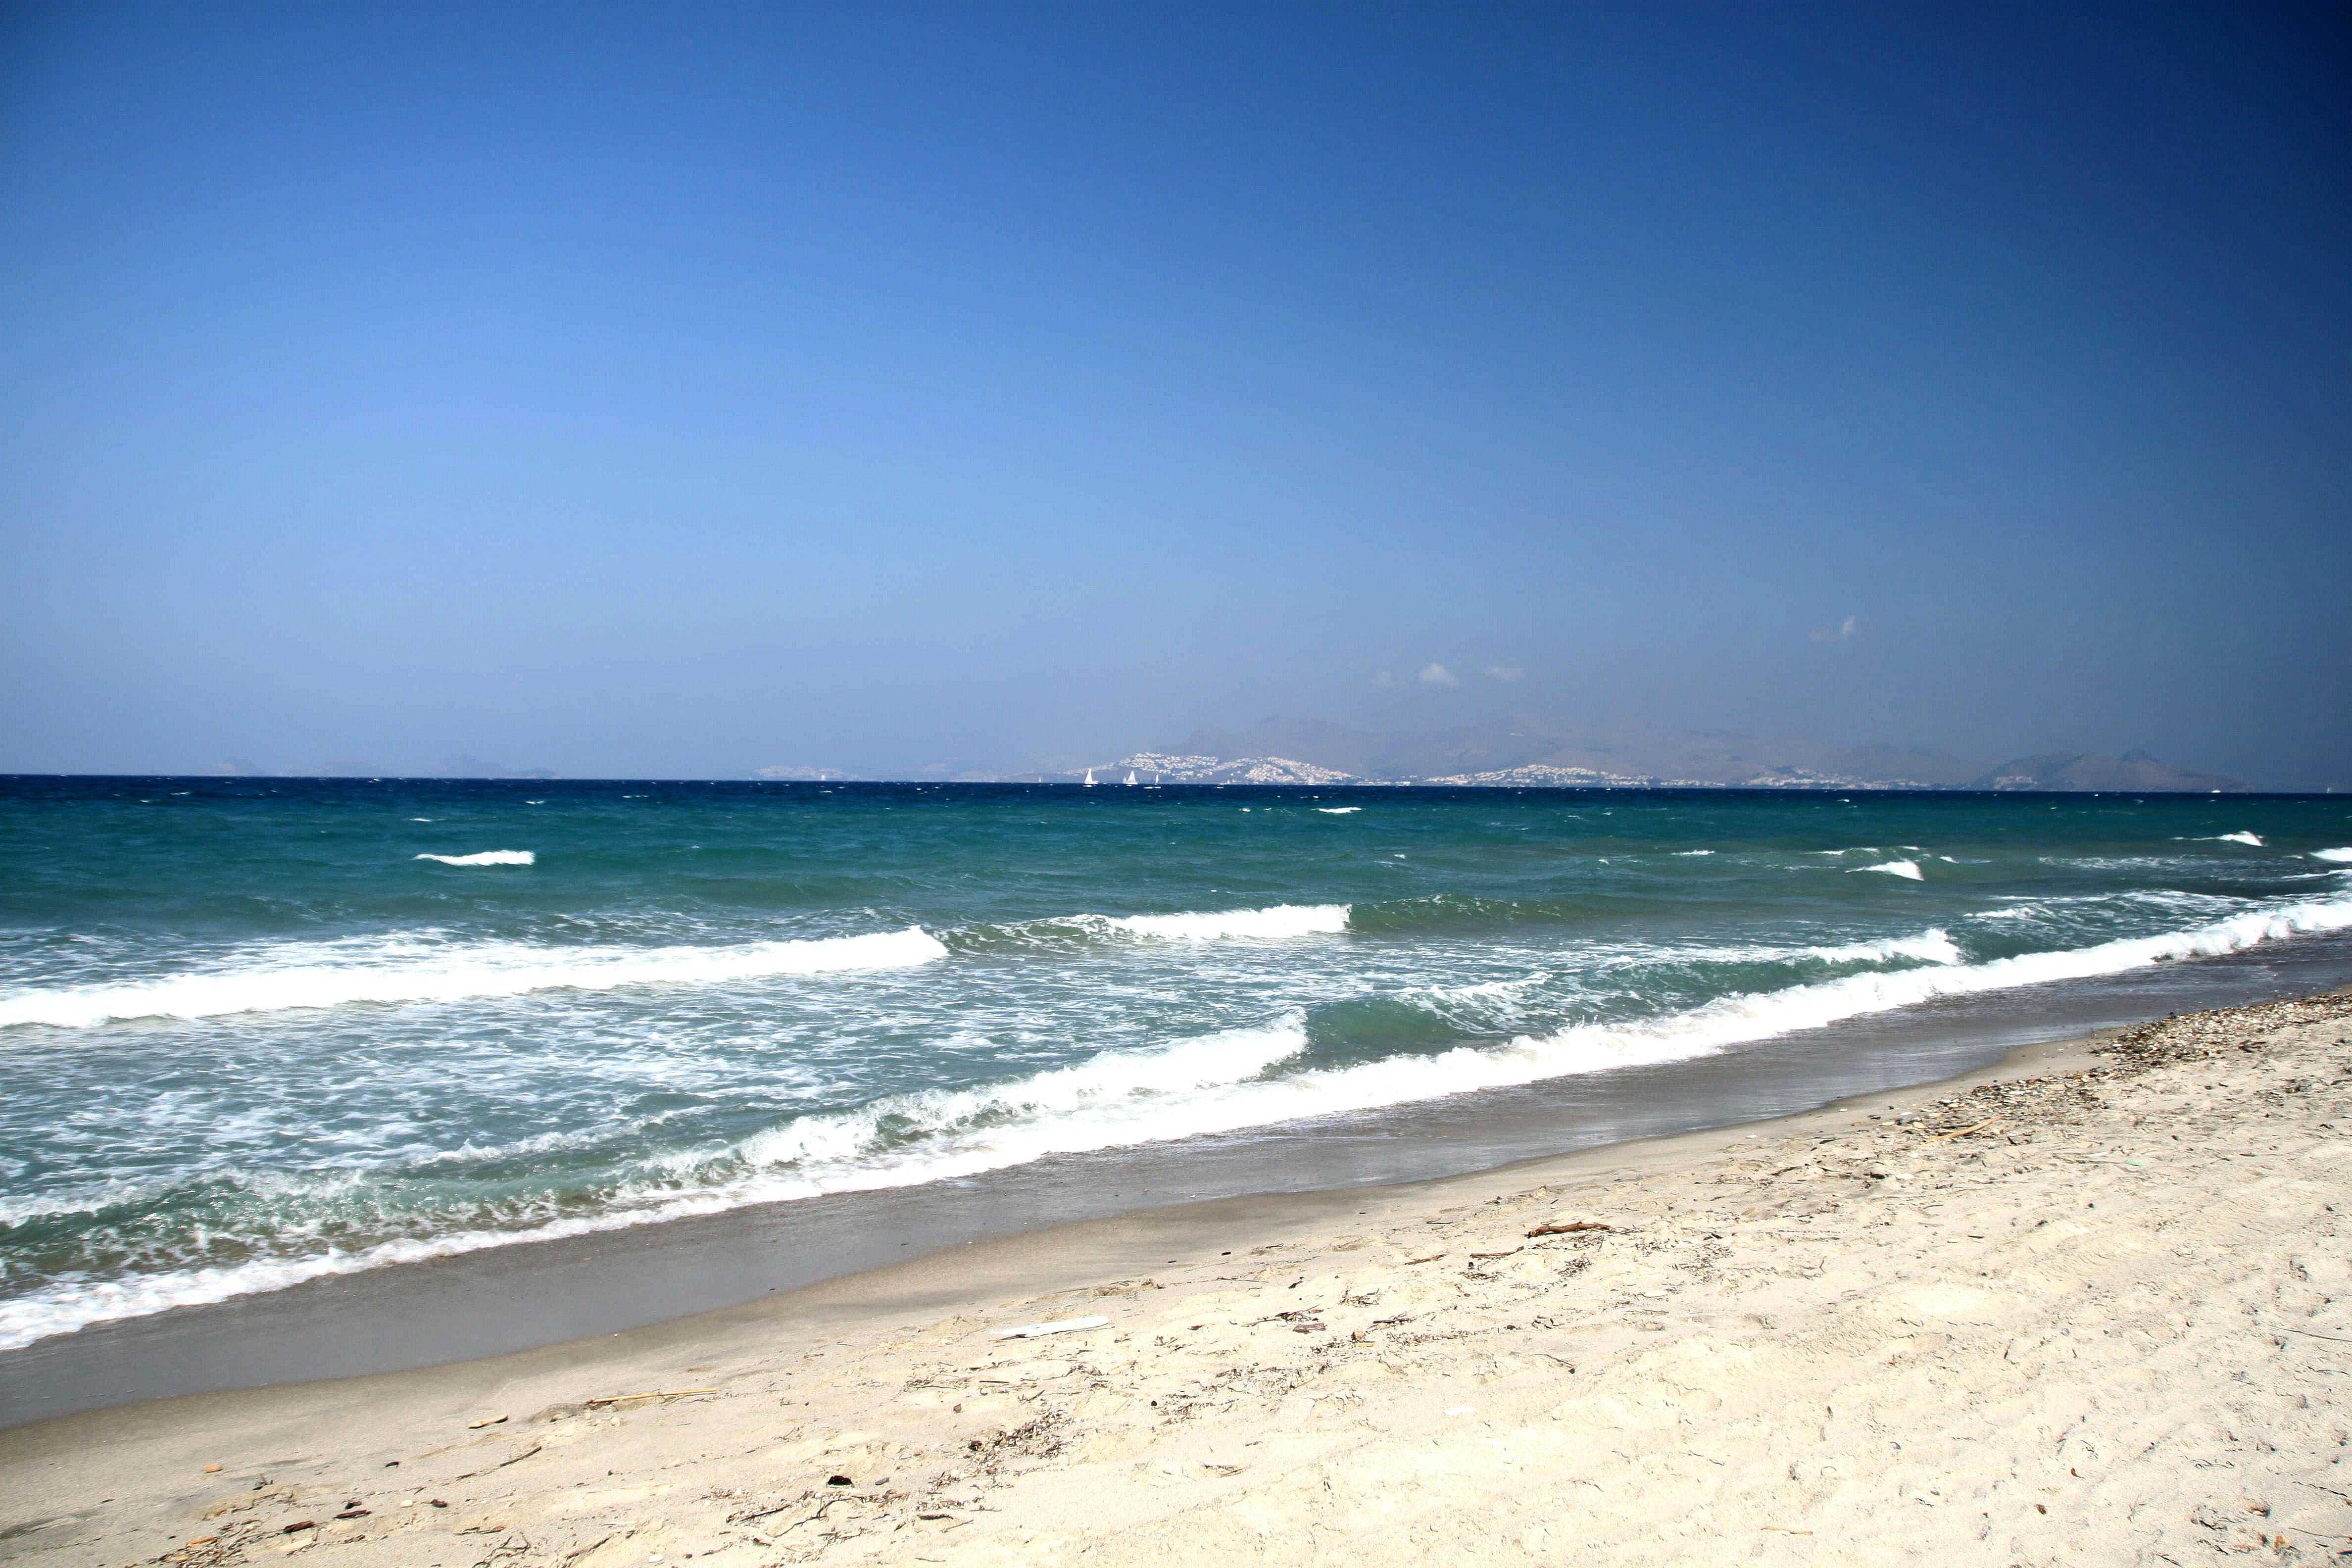 Kosin saari on rantoja täynnä. Kivisiä ja hiekkaisia rantoja. Rantatuoleja, rantabaareja, sekä luonnonrantoja. Pienellä saarella rantaviivaa on 112 km.